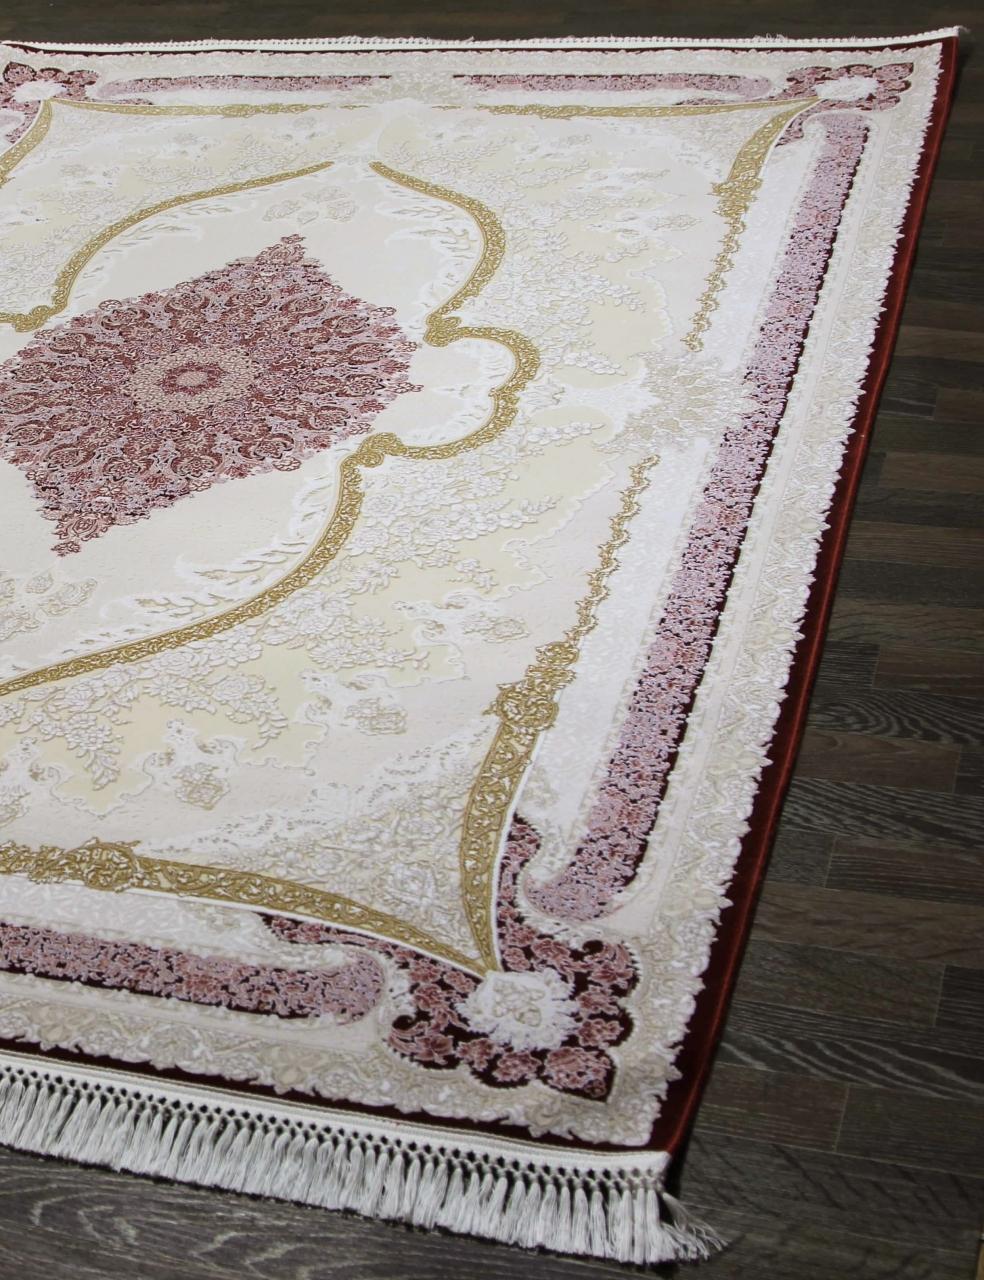 Ковер 18639 - 010 - Прямоугольник - коллекция BAROQUE - фото 3